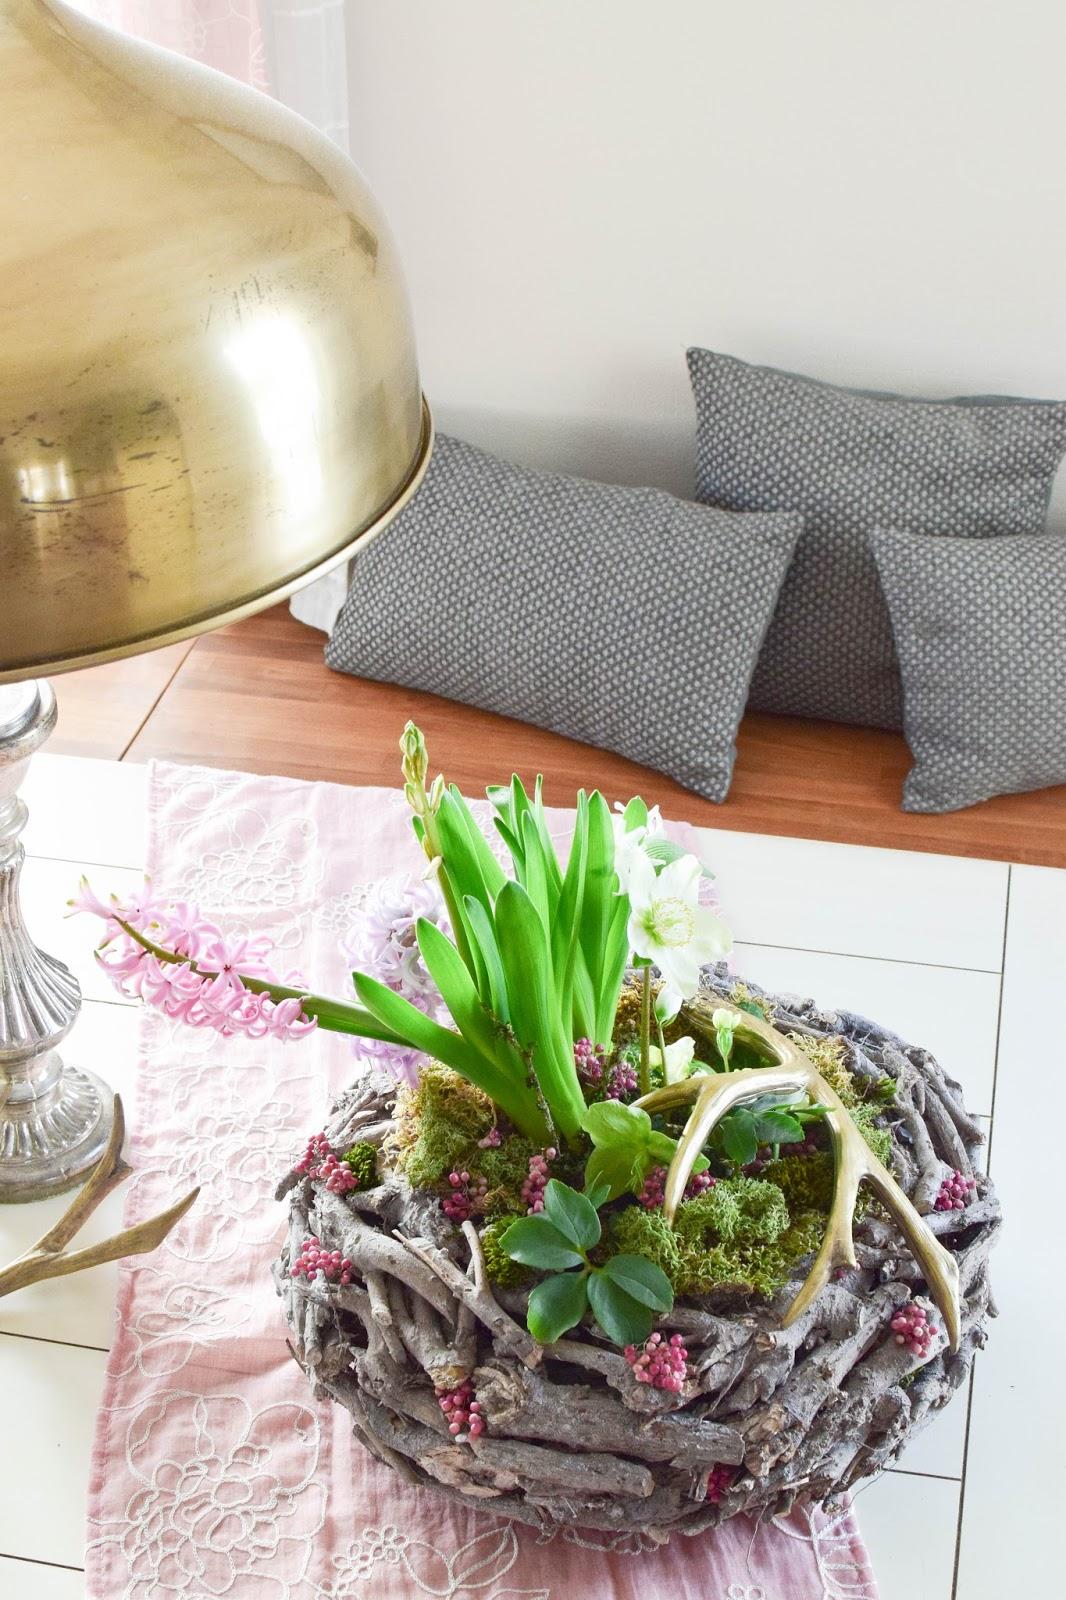 DIY Vorhänge aus Tischläufern: Frühlingsdeko selber machen Frühjahrsdeko für Tisch und Esszimmer. Dekoidee mit Korb Christrosen Hyazinthen Geweih Moos und natürlicher Deko